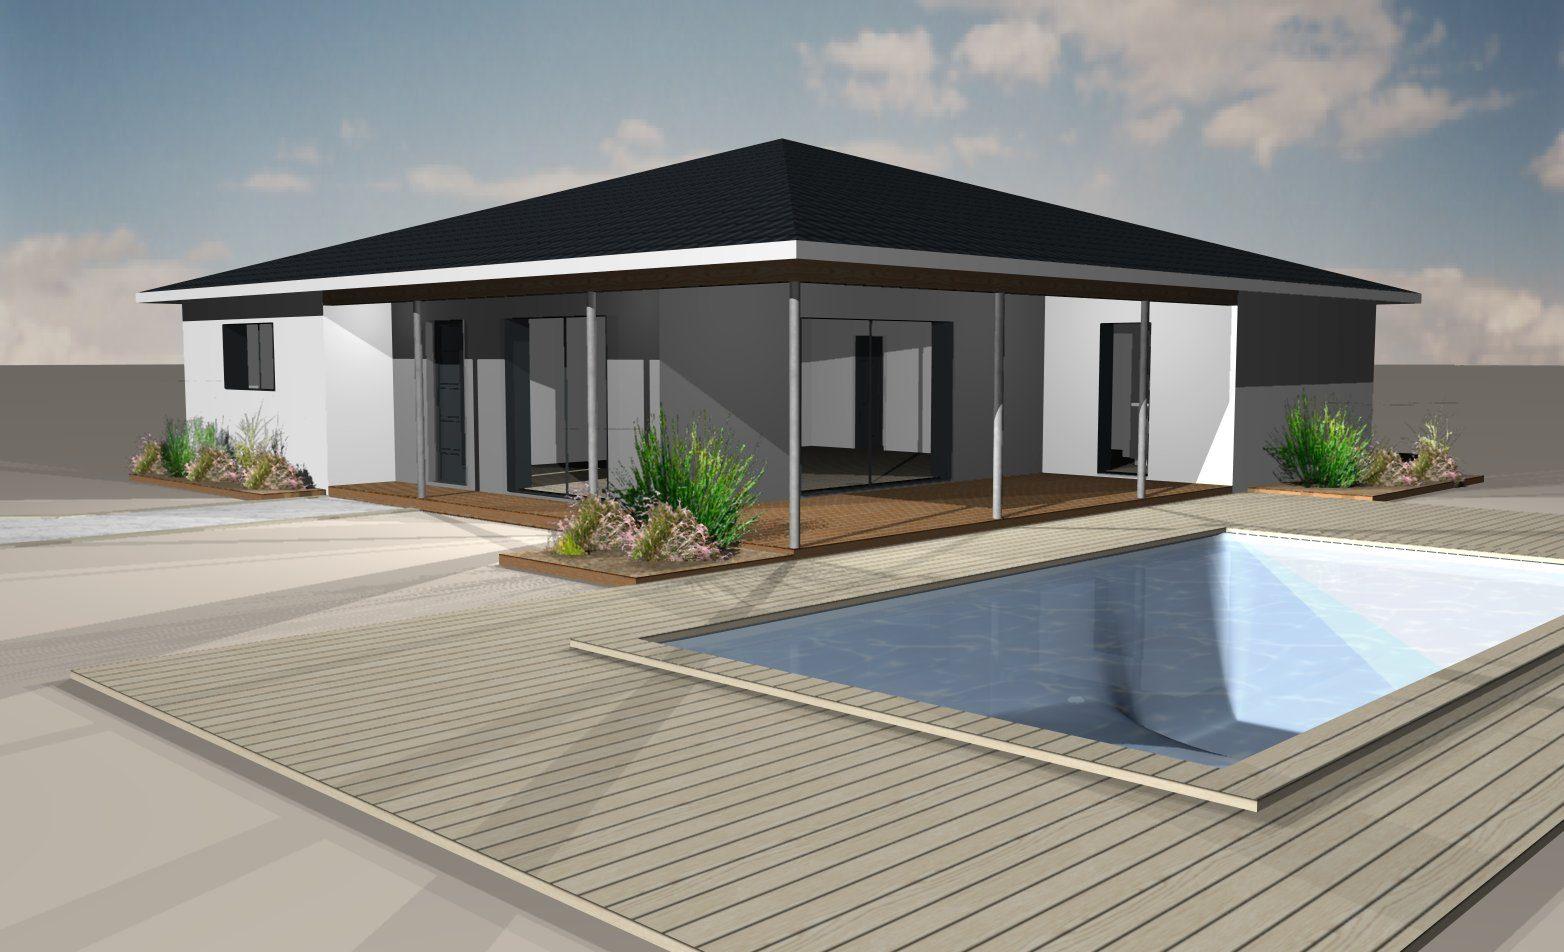 Maison cote d argent segu maison for Geoxia maisons individuelles